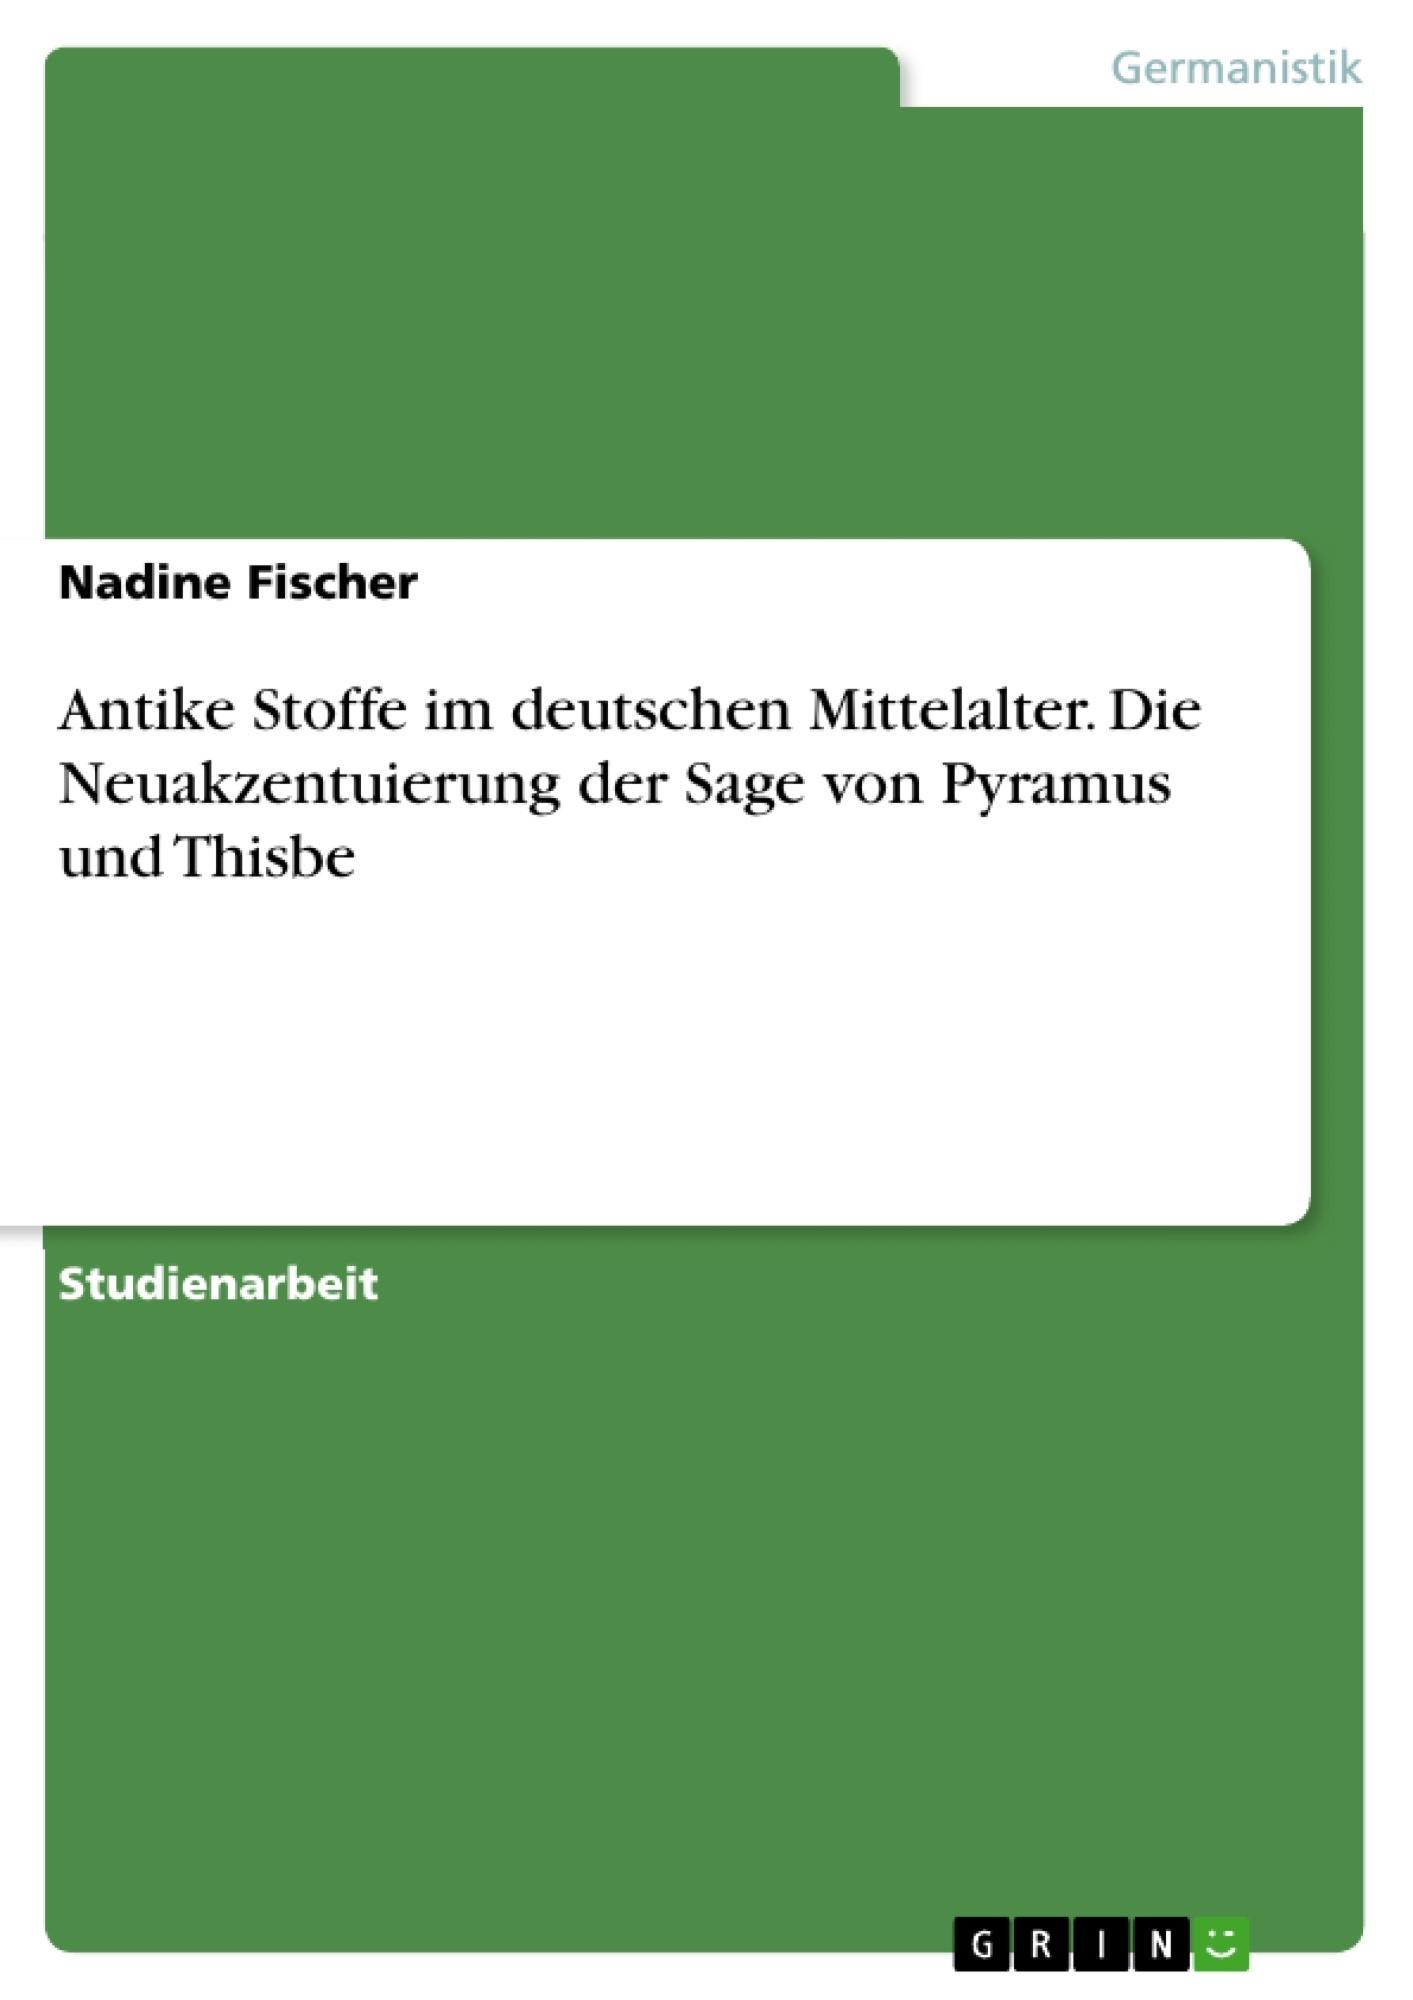 Titel: Antike Stoffe im deutschen Mittelalter. Die Neuakzentuierung der Sage von Pyramus und Thisbe